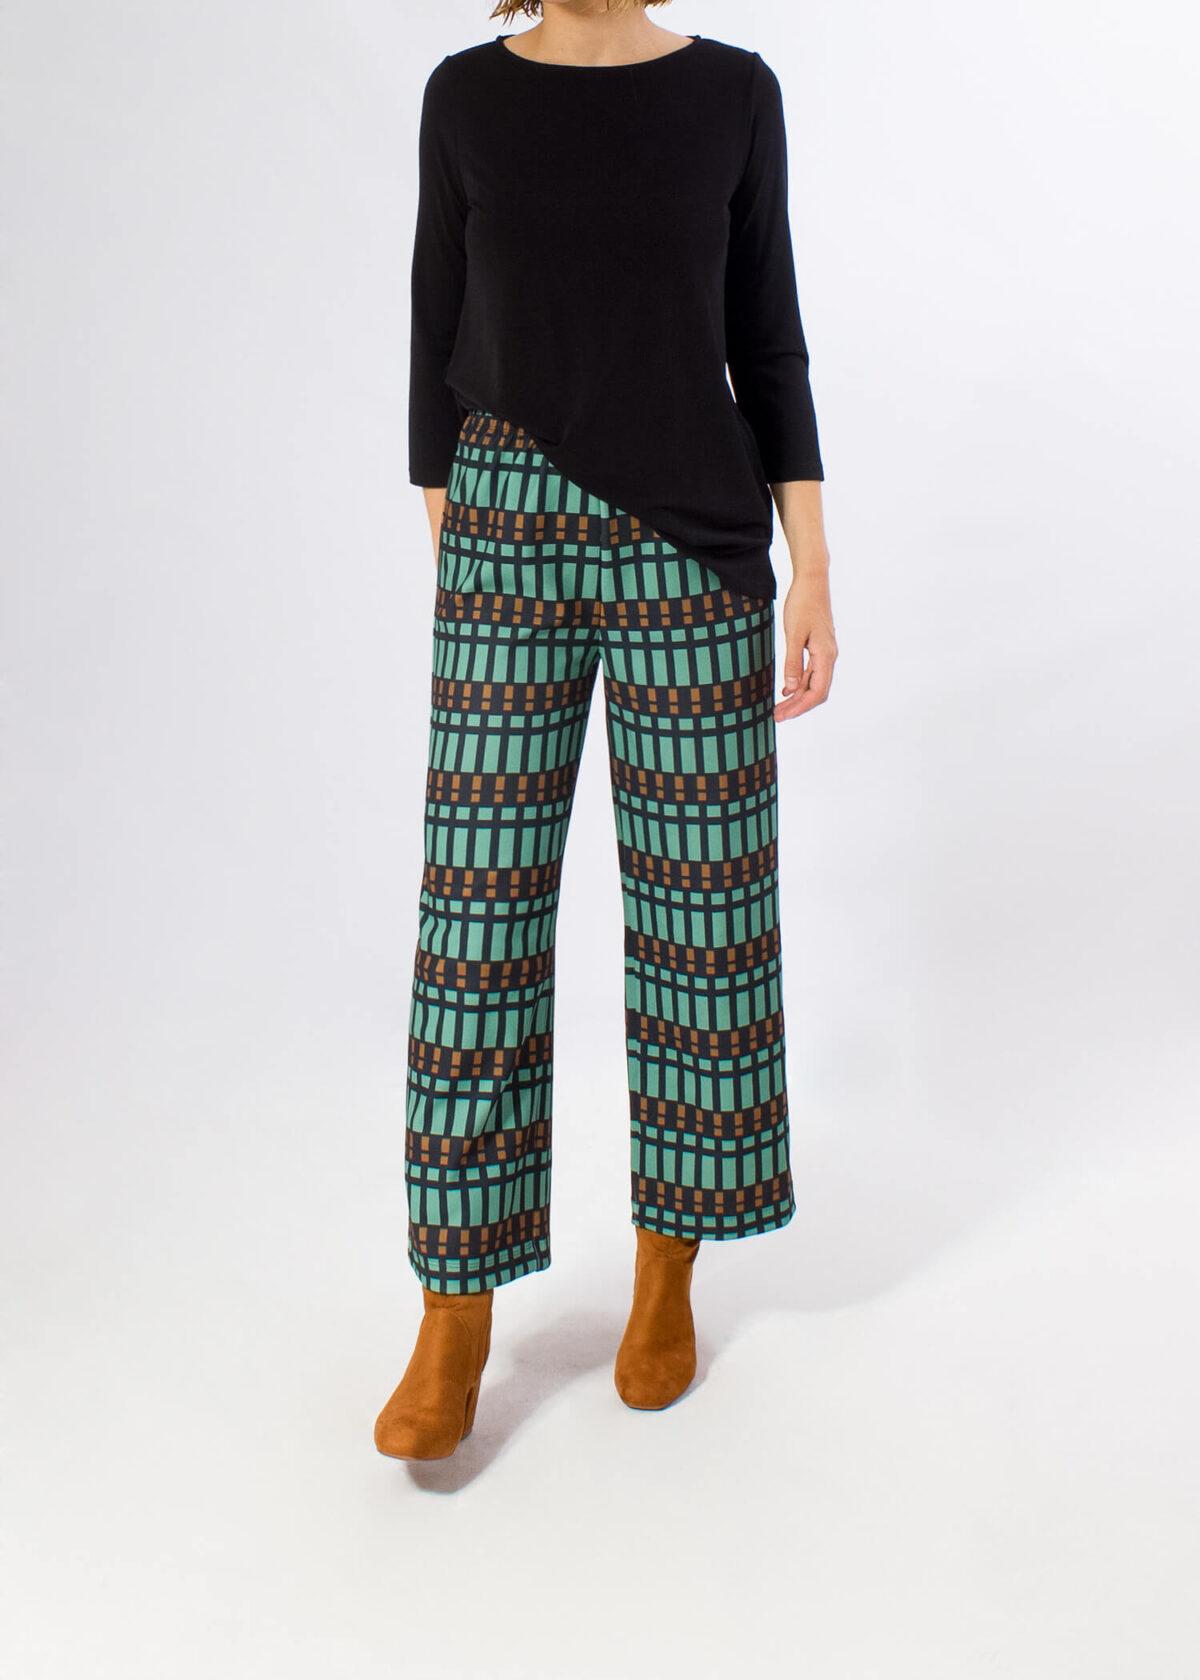 pantalon-ancho-cuadros-verde-parole-italy-lopezientos